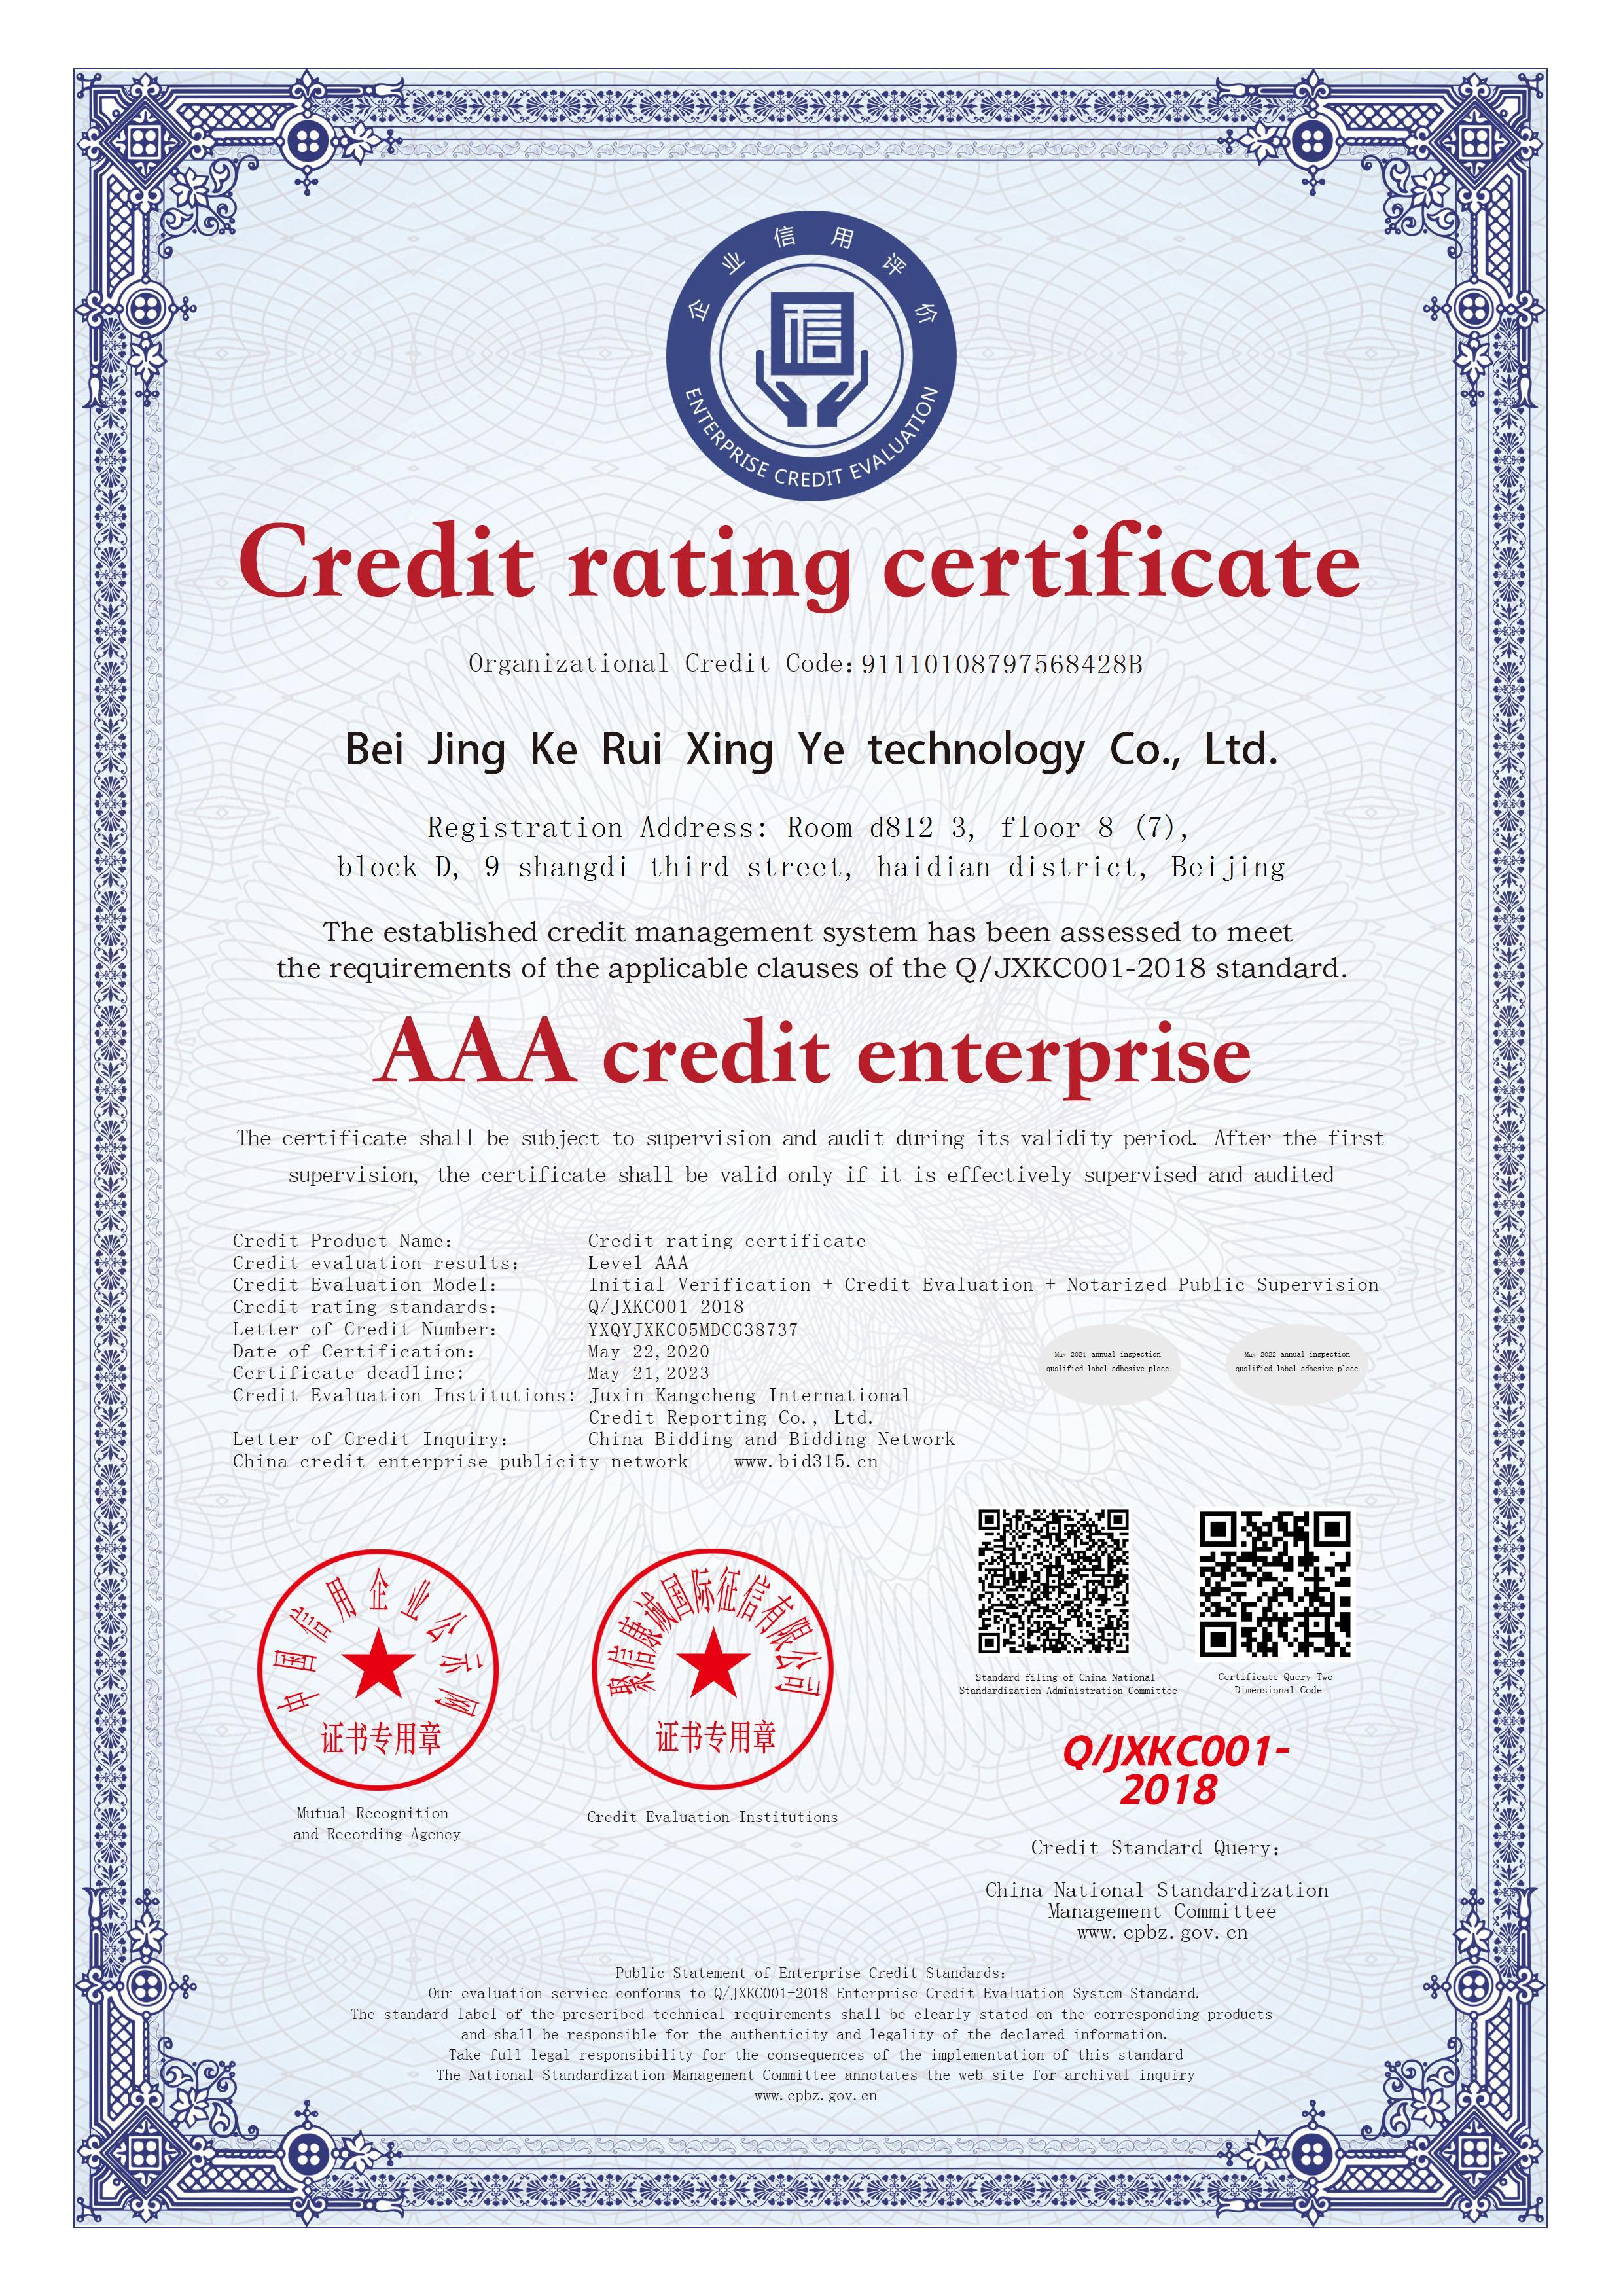 北京科瑞兴业科技有限公司_AAA级信用企业_英文版_电子版